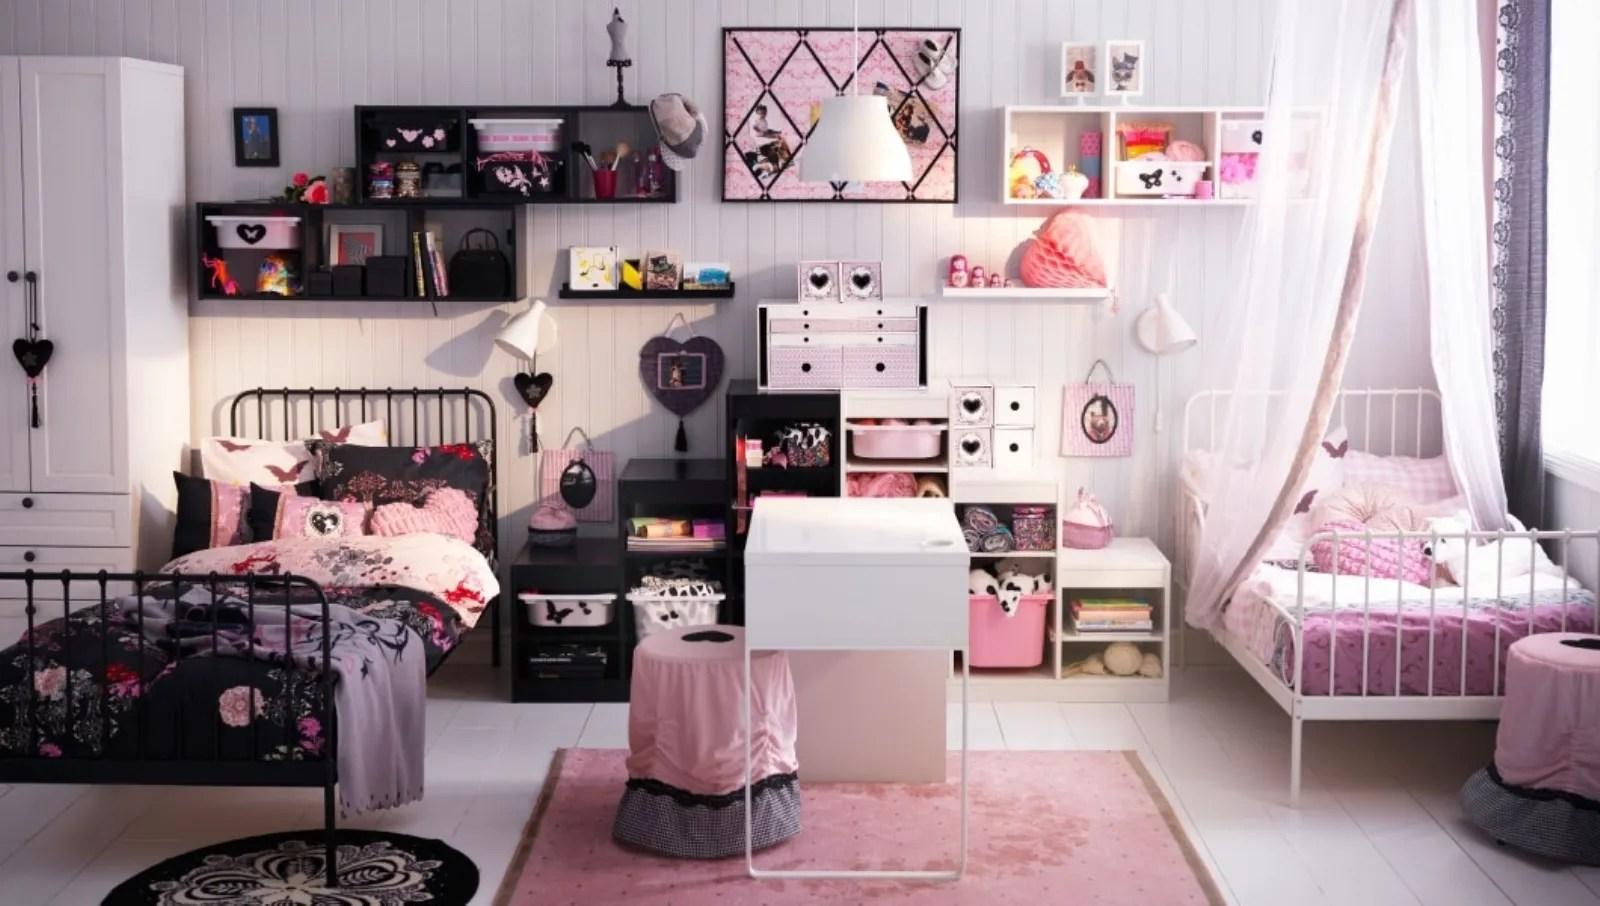 Camere per ragazzi, camere moderne per ragazzi, camere componibili per giovani, camere moderne per teenager con scrivania e libreria. Cameretta Ikea Soluzioni Allegre E Colorate